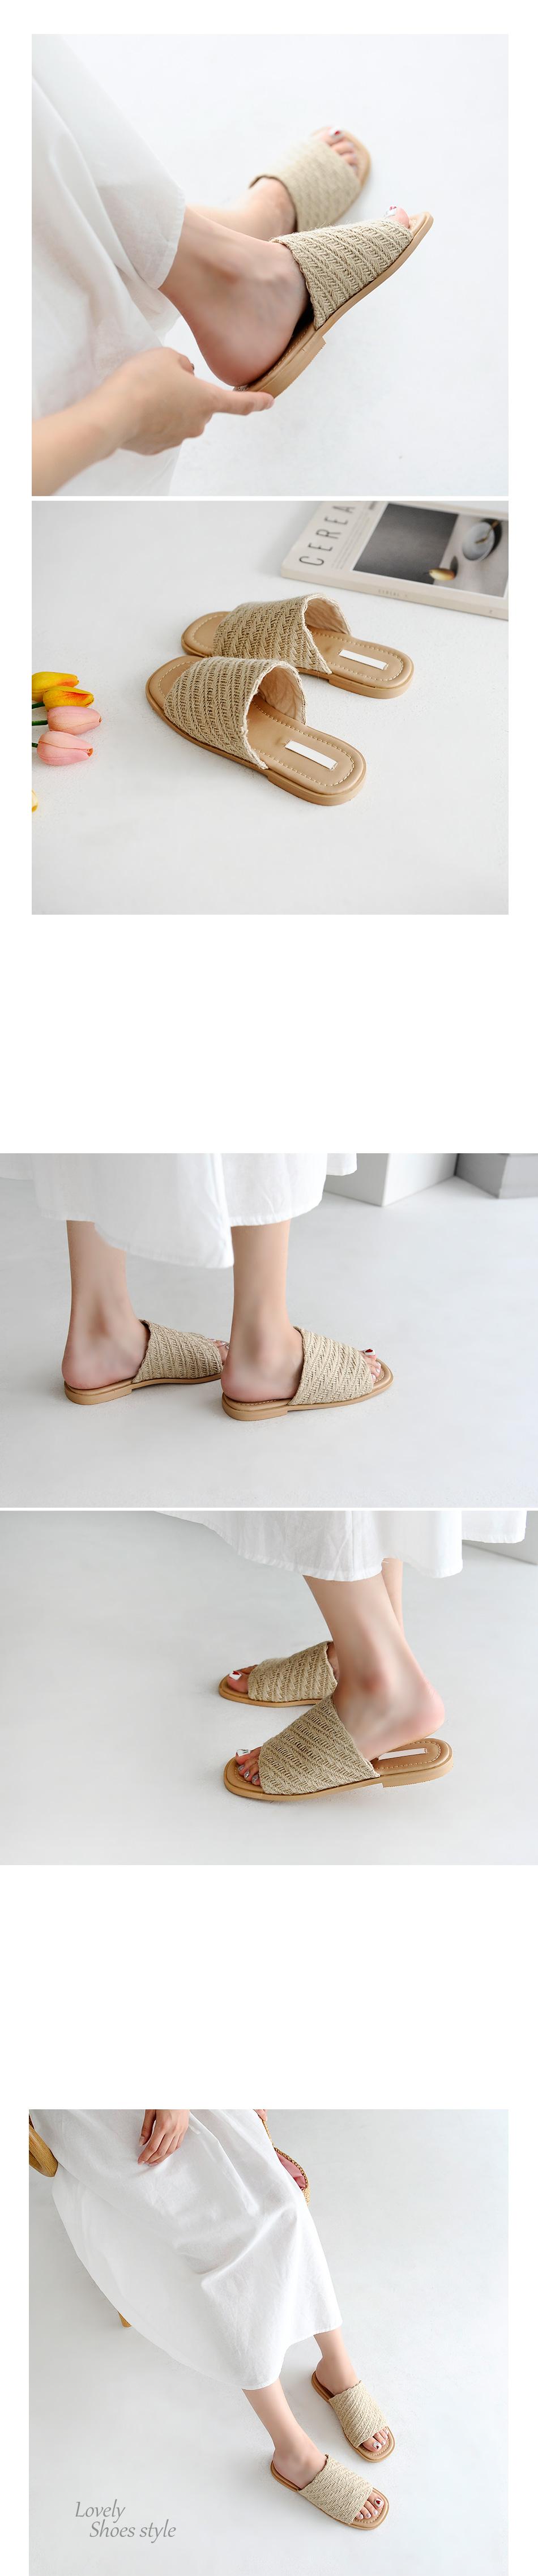 Diency Slippers 1cm